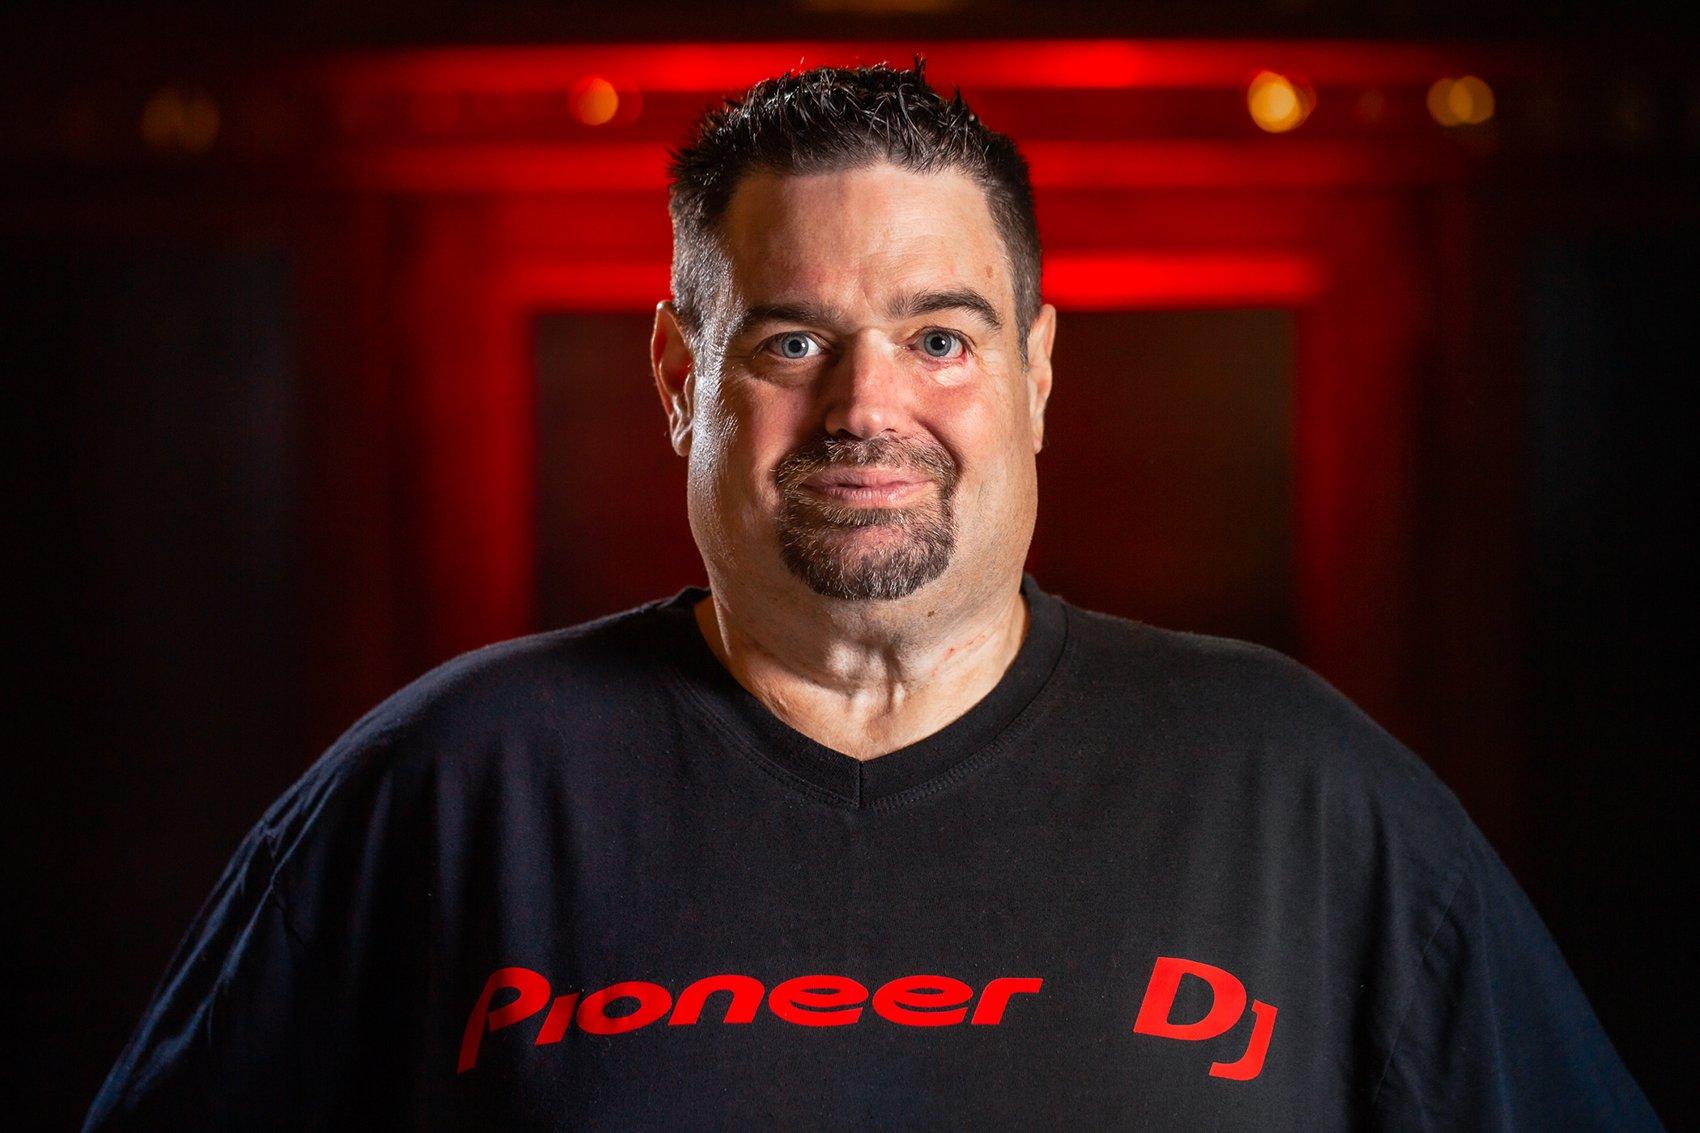 2 - Pioneer